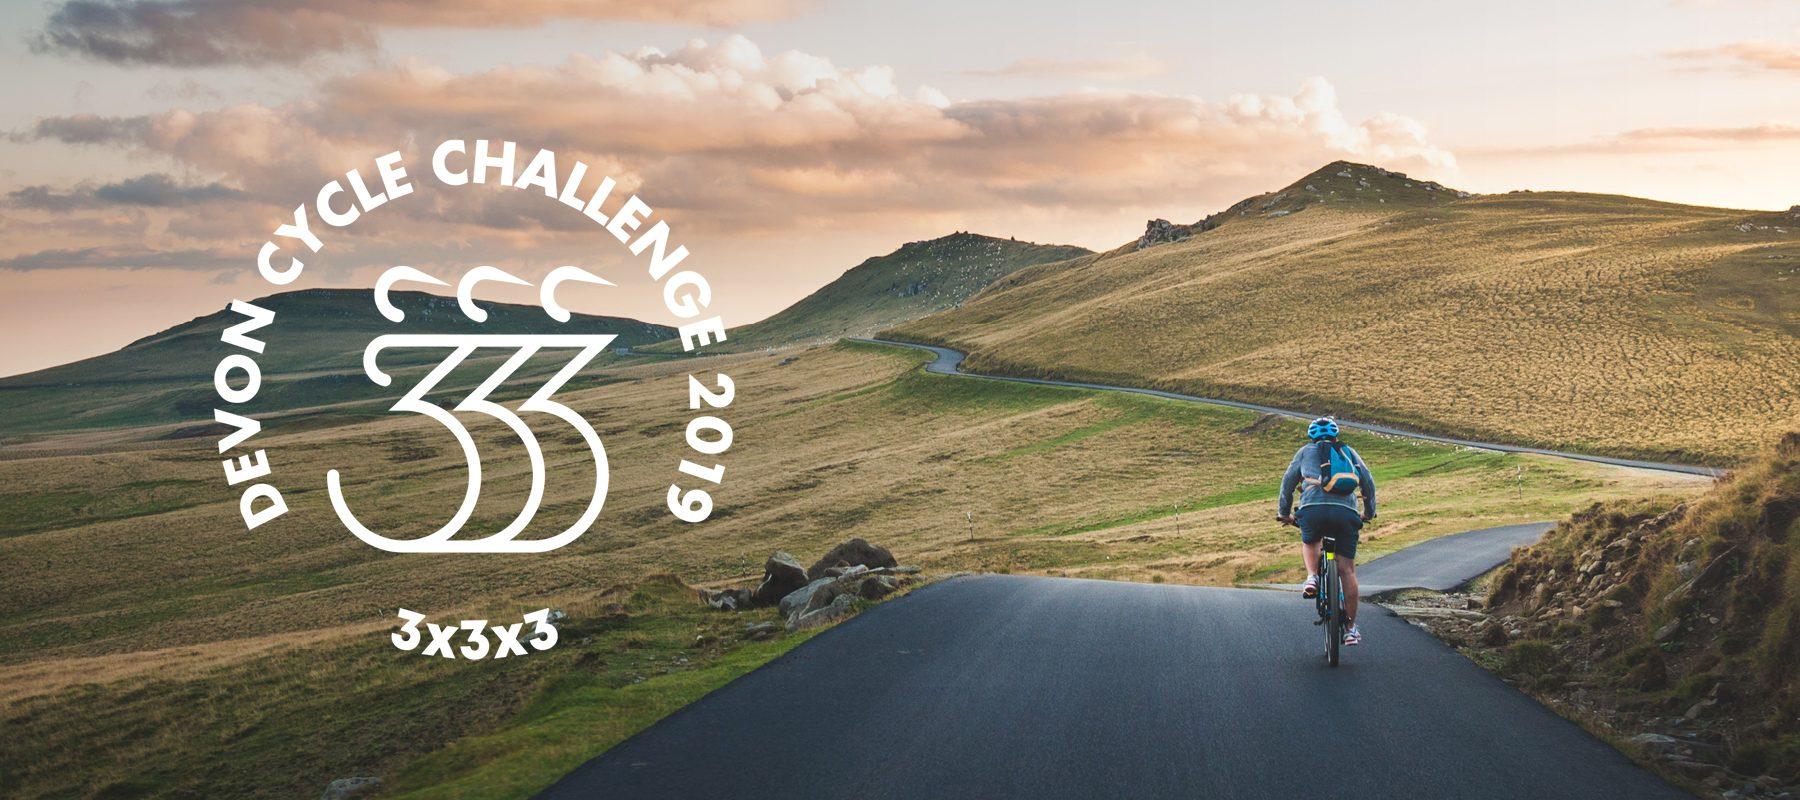 Round Devon 3x3x3 – 3 Day Charity Bike Ride